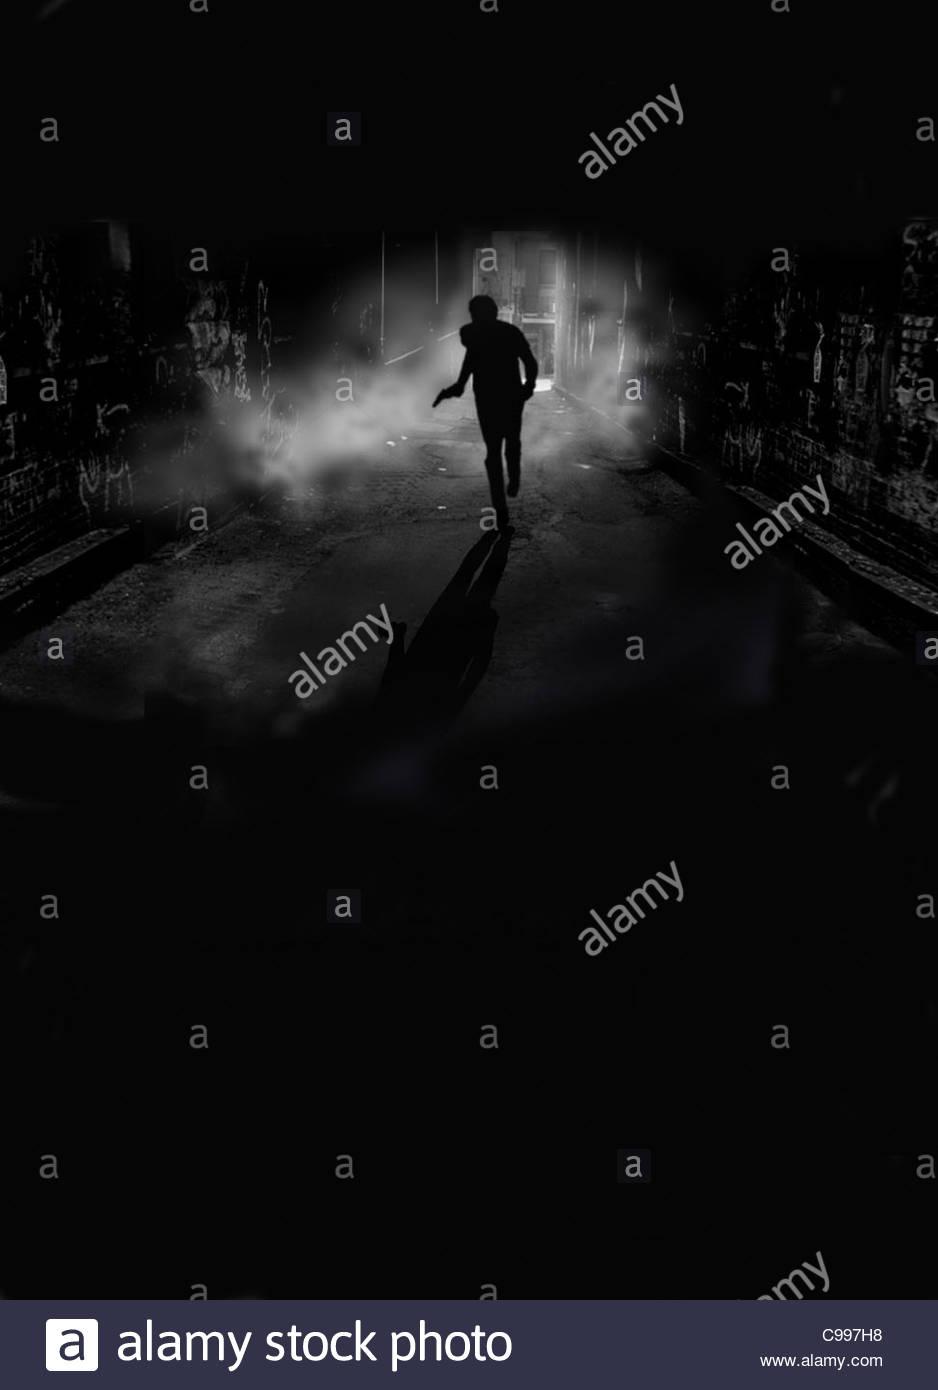 Nacht Gun Dunkelheit Mann Flucht Flchten, die Nacht Nacht Nightl Fly abgeschnitten zu entkommen Stockbild